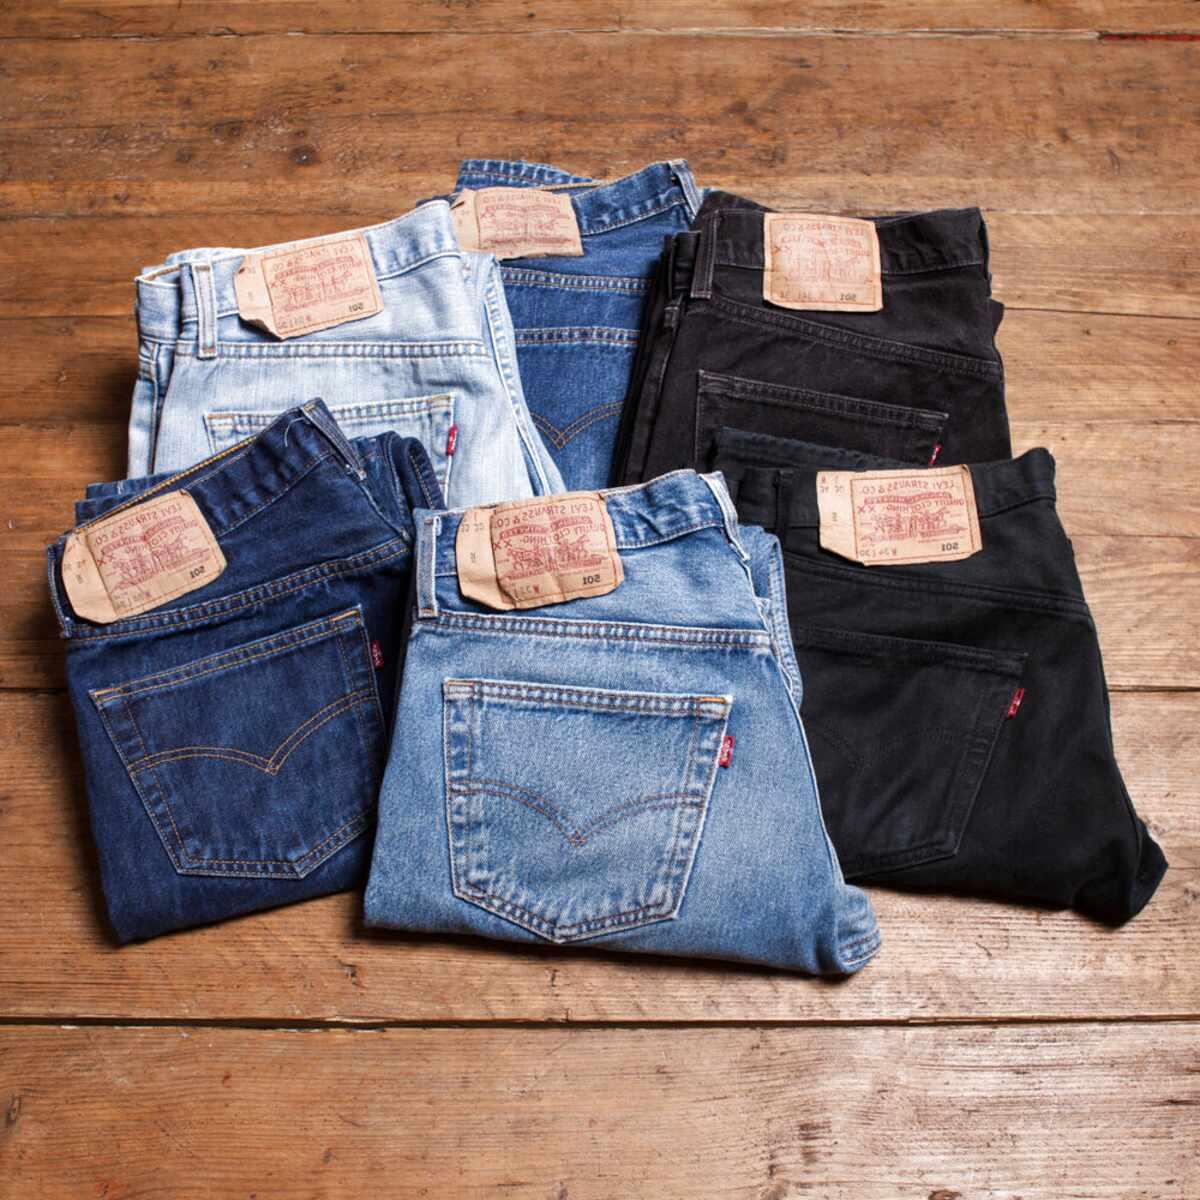 Venta De Jeans Levi S 40 Articulos Usados